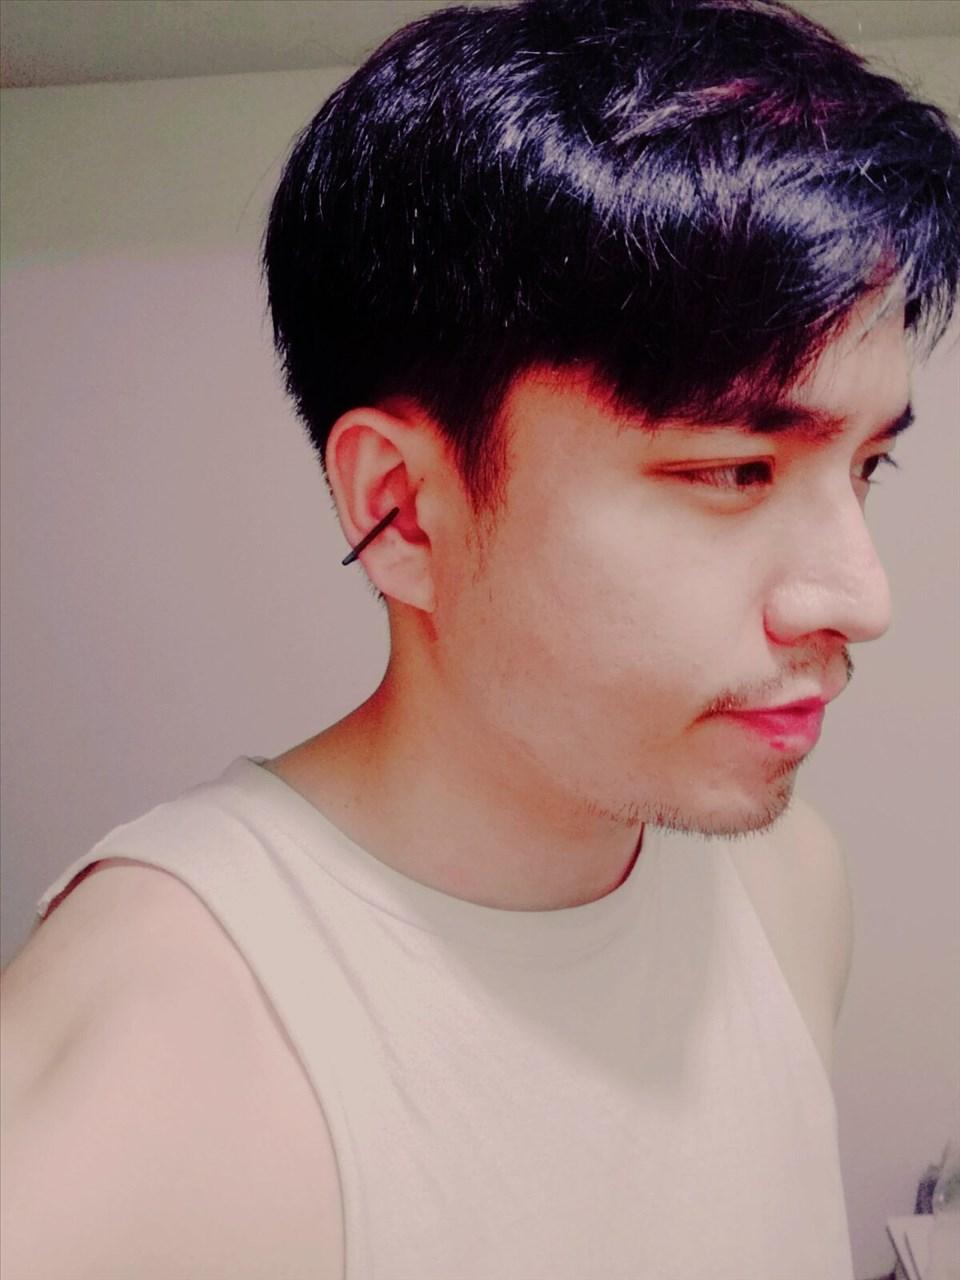 【JP.美日韓】訂製款 三角 耳骨針 耳骨環 插入式 耳環 無須耳洞 幾何造型 打造未來感